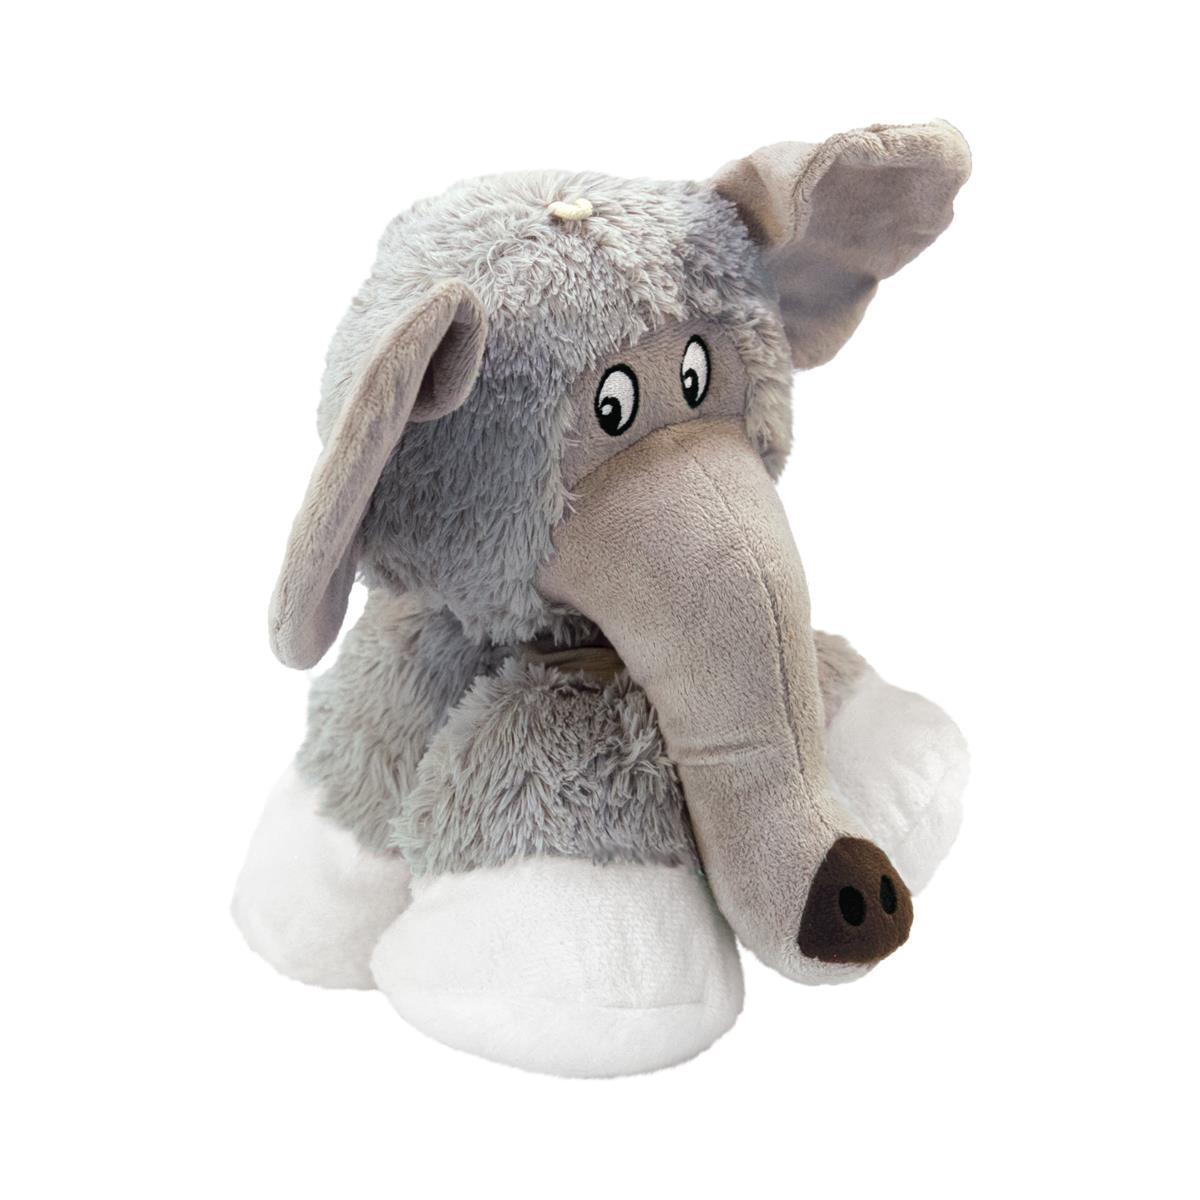 Kong stretchezz legz elephant small